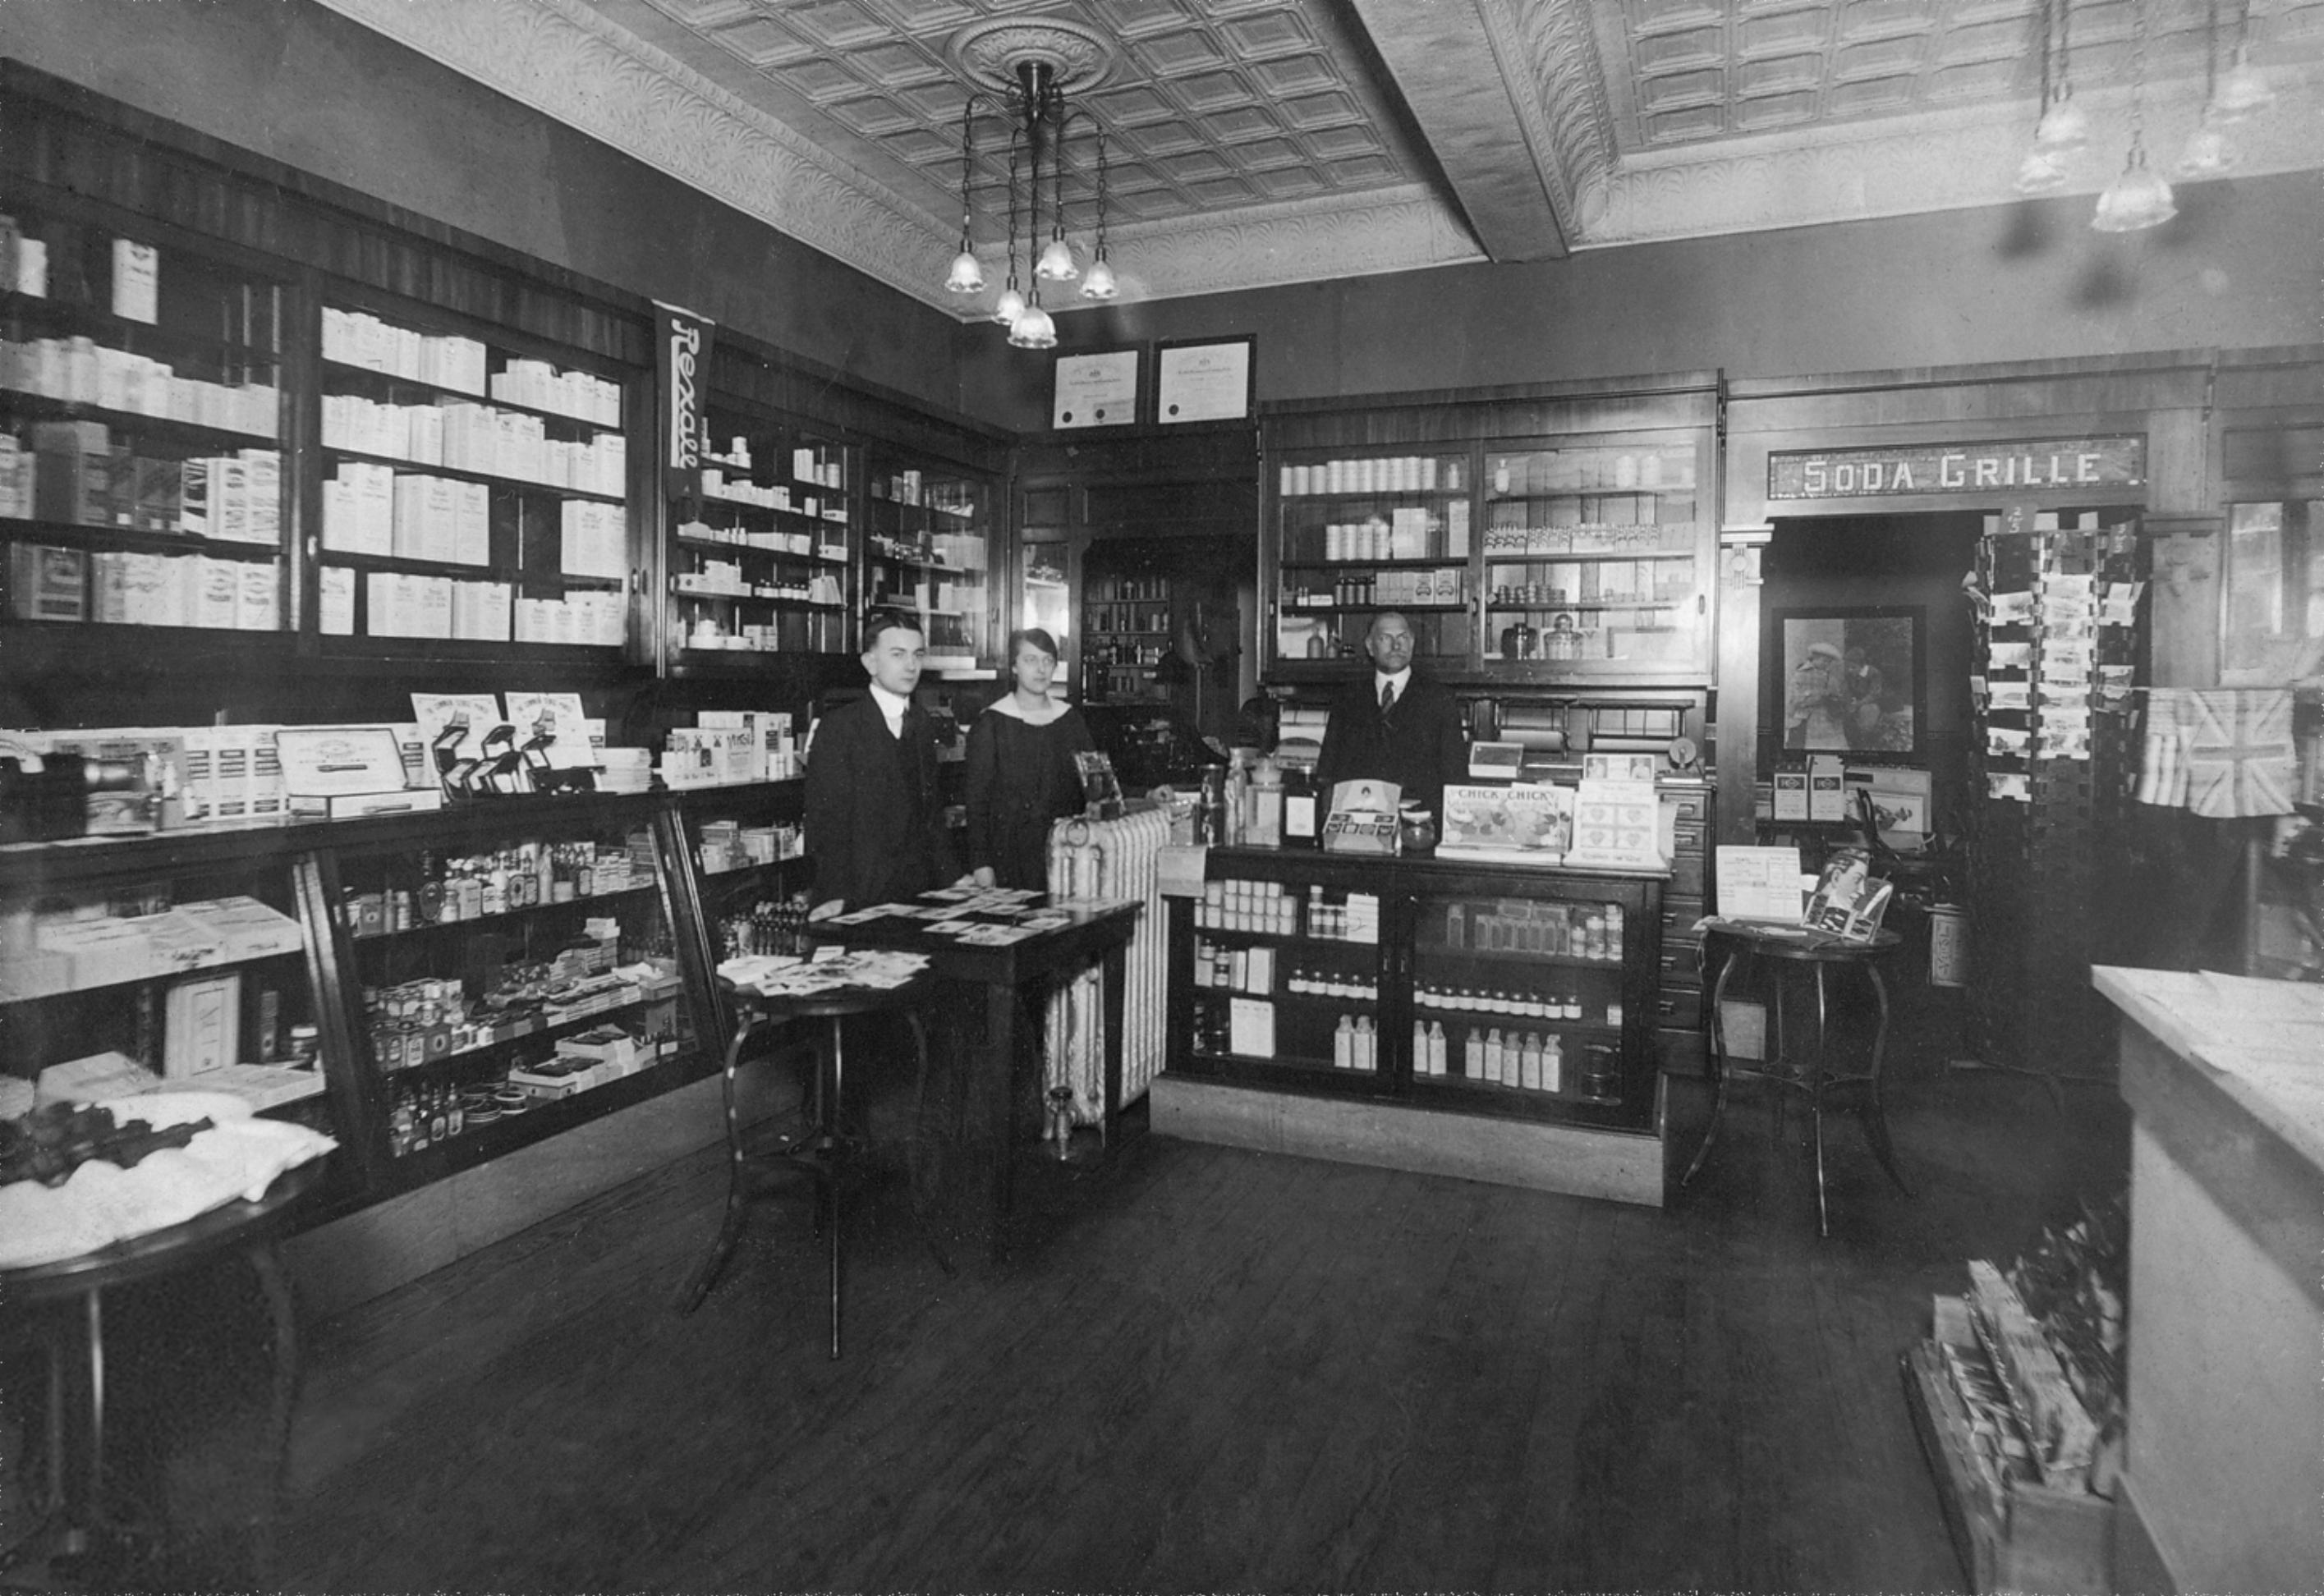 Stauffer's Drug Store